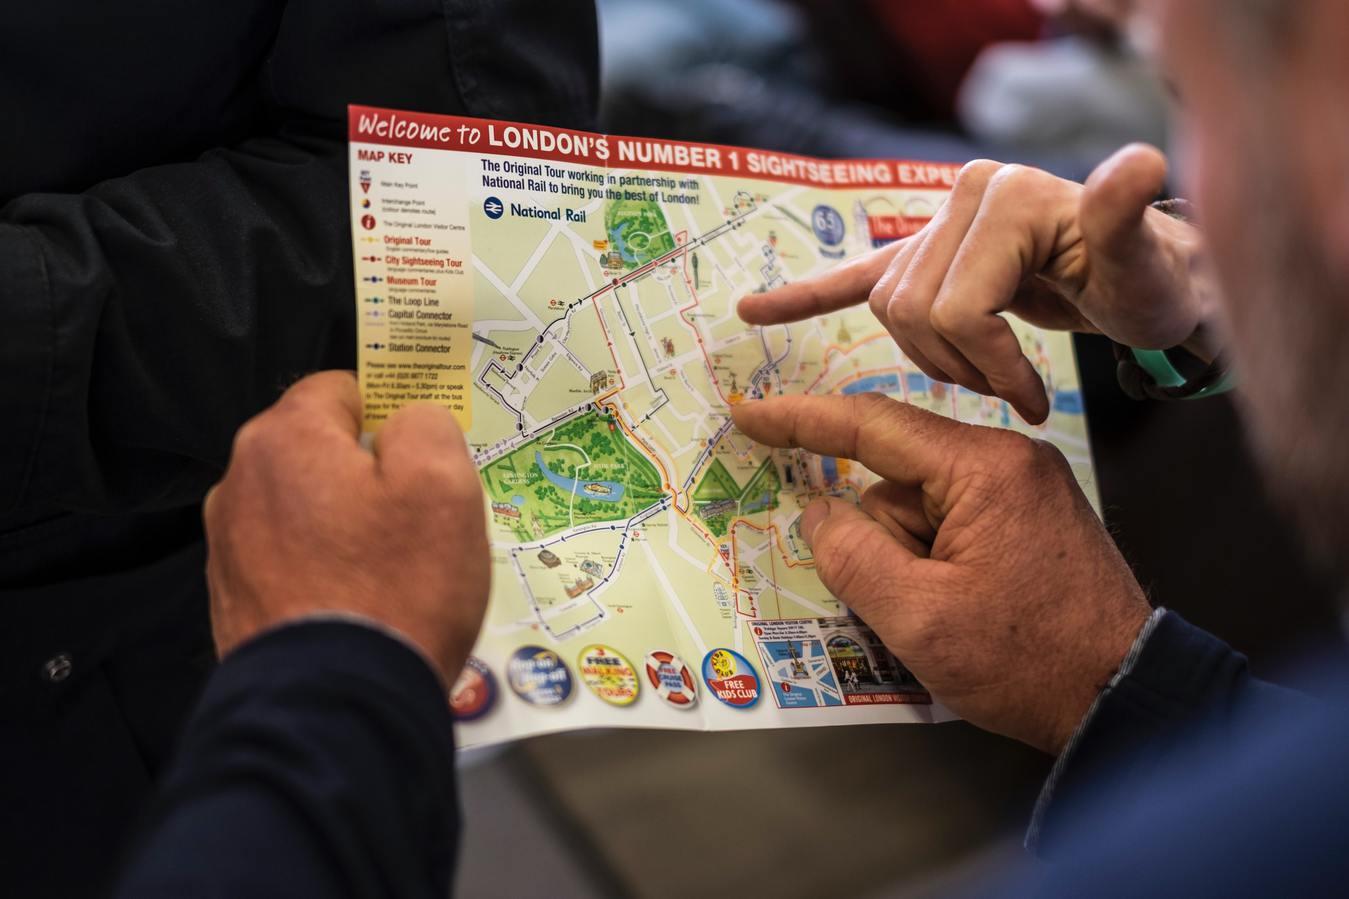 Mensen kijken naar een kaart van Londen